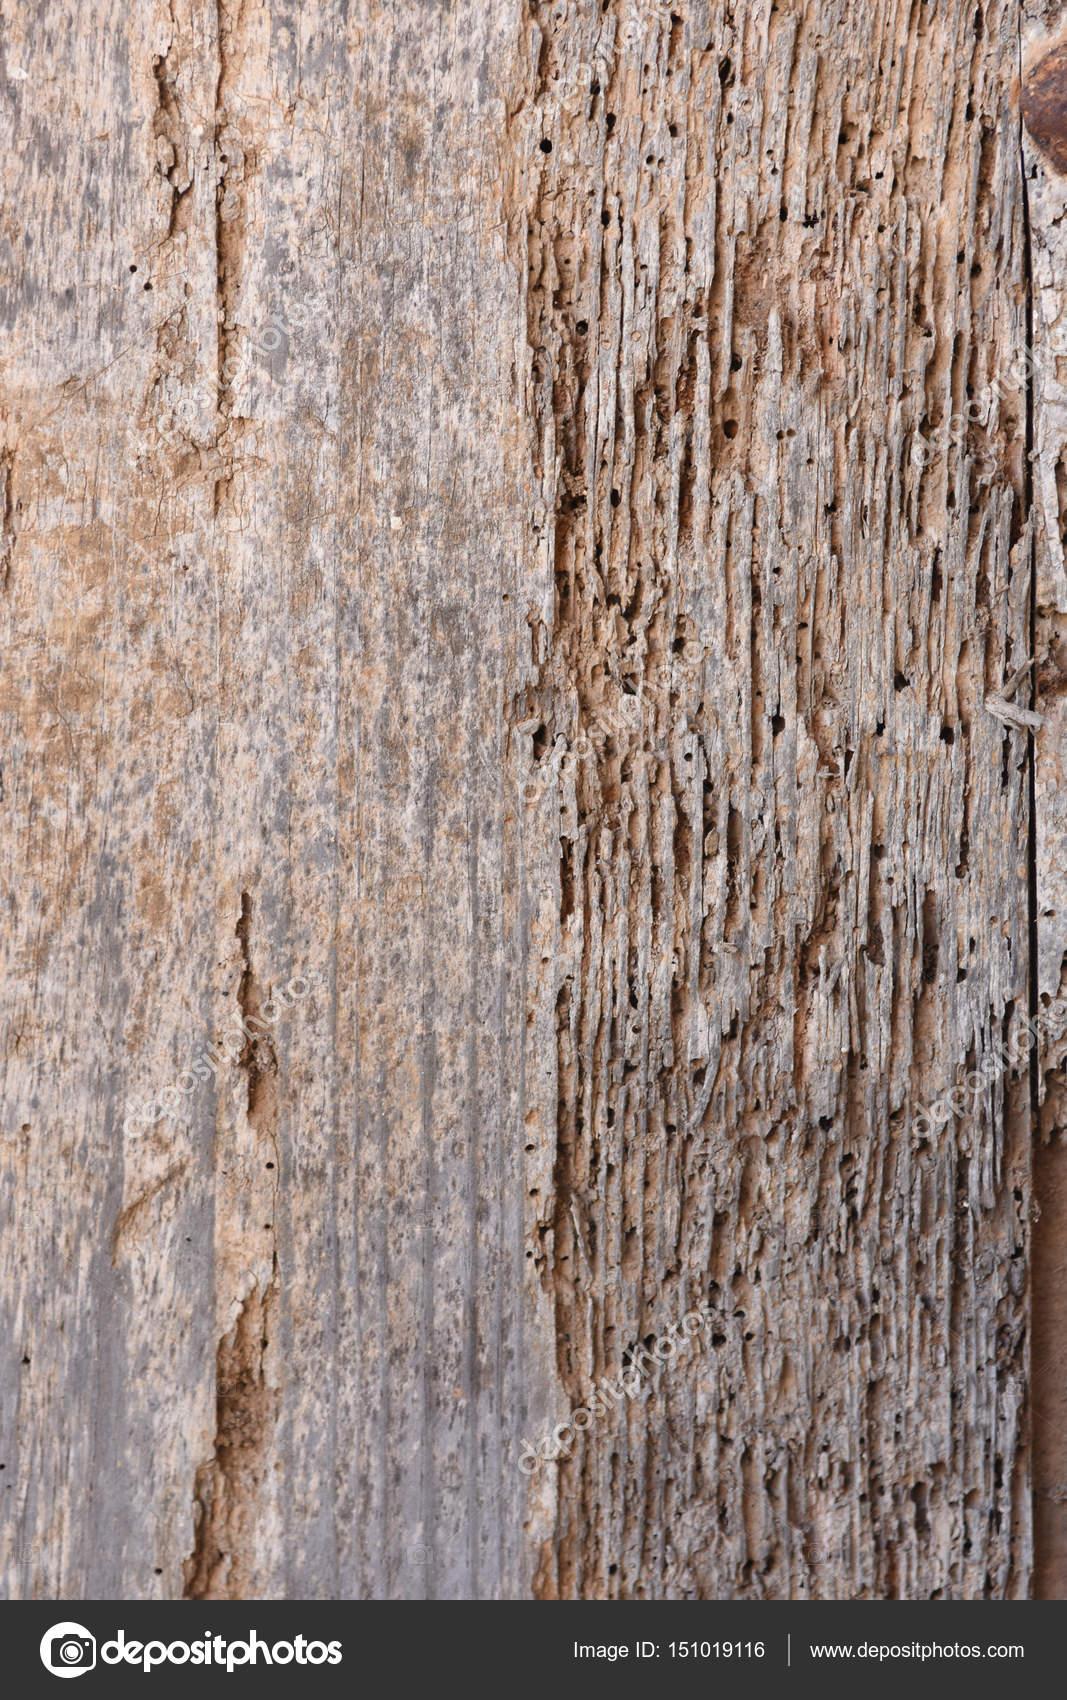 termite de bois free traitement des bois termites with termite de bois fond texture termites. Black Bedroom Furniture Sets. Home Design Ideas